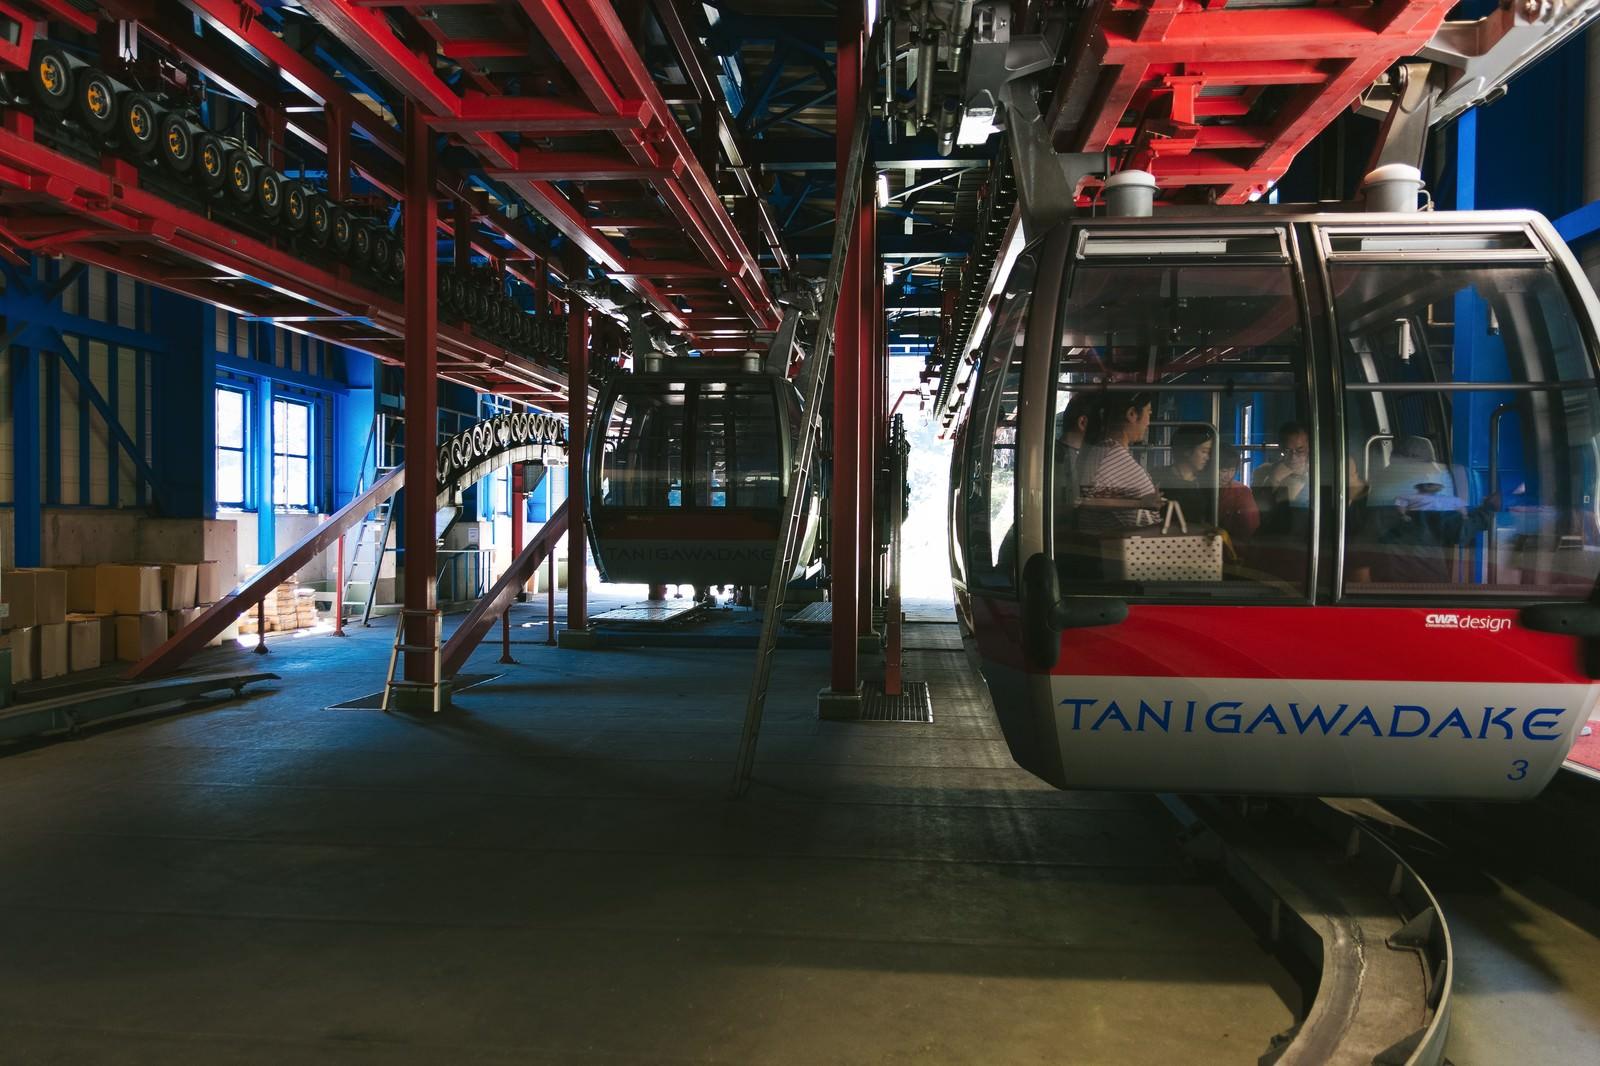 「ロープウェイの降車口ロープウェイの降車口」のフリー写真素材を拡大